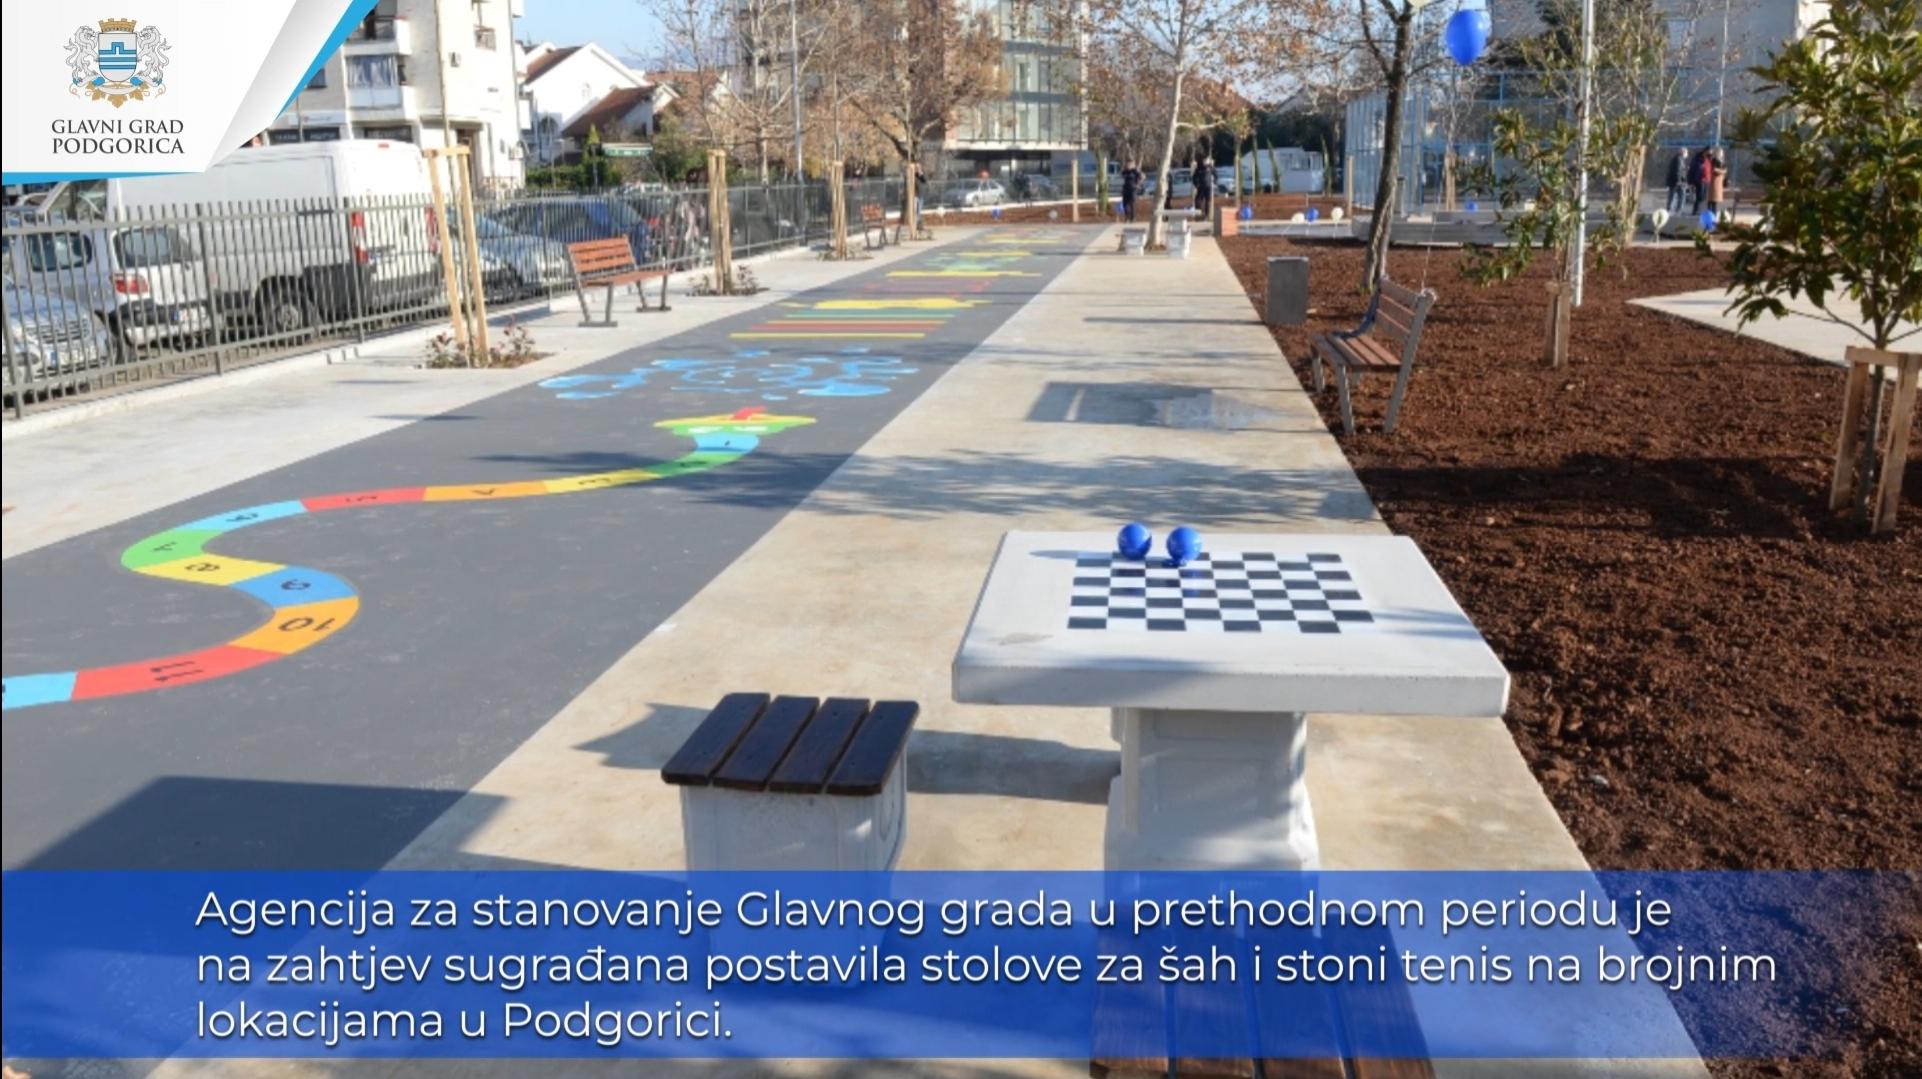 Građani Podgorice zadovoljni uslovima za stoni tenis i šah na otvorenom; Ovakvi sadržaji uskoro na novim lokacijama